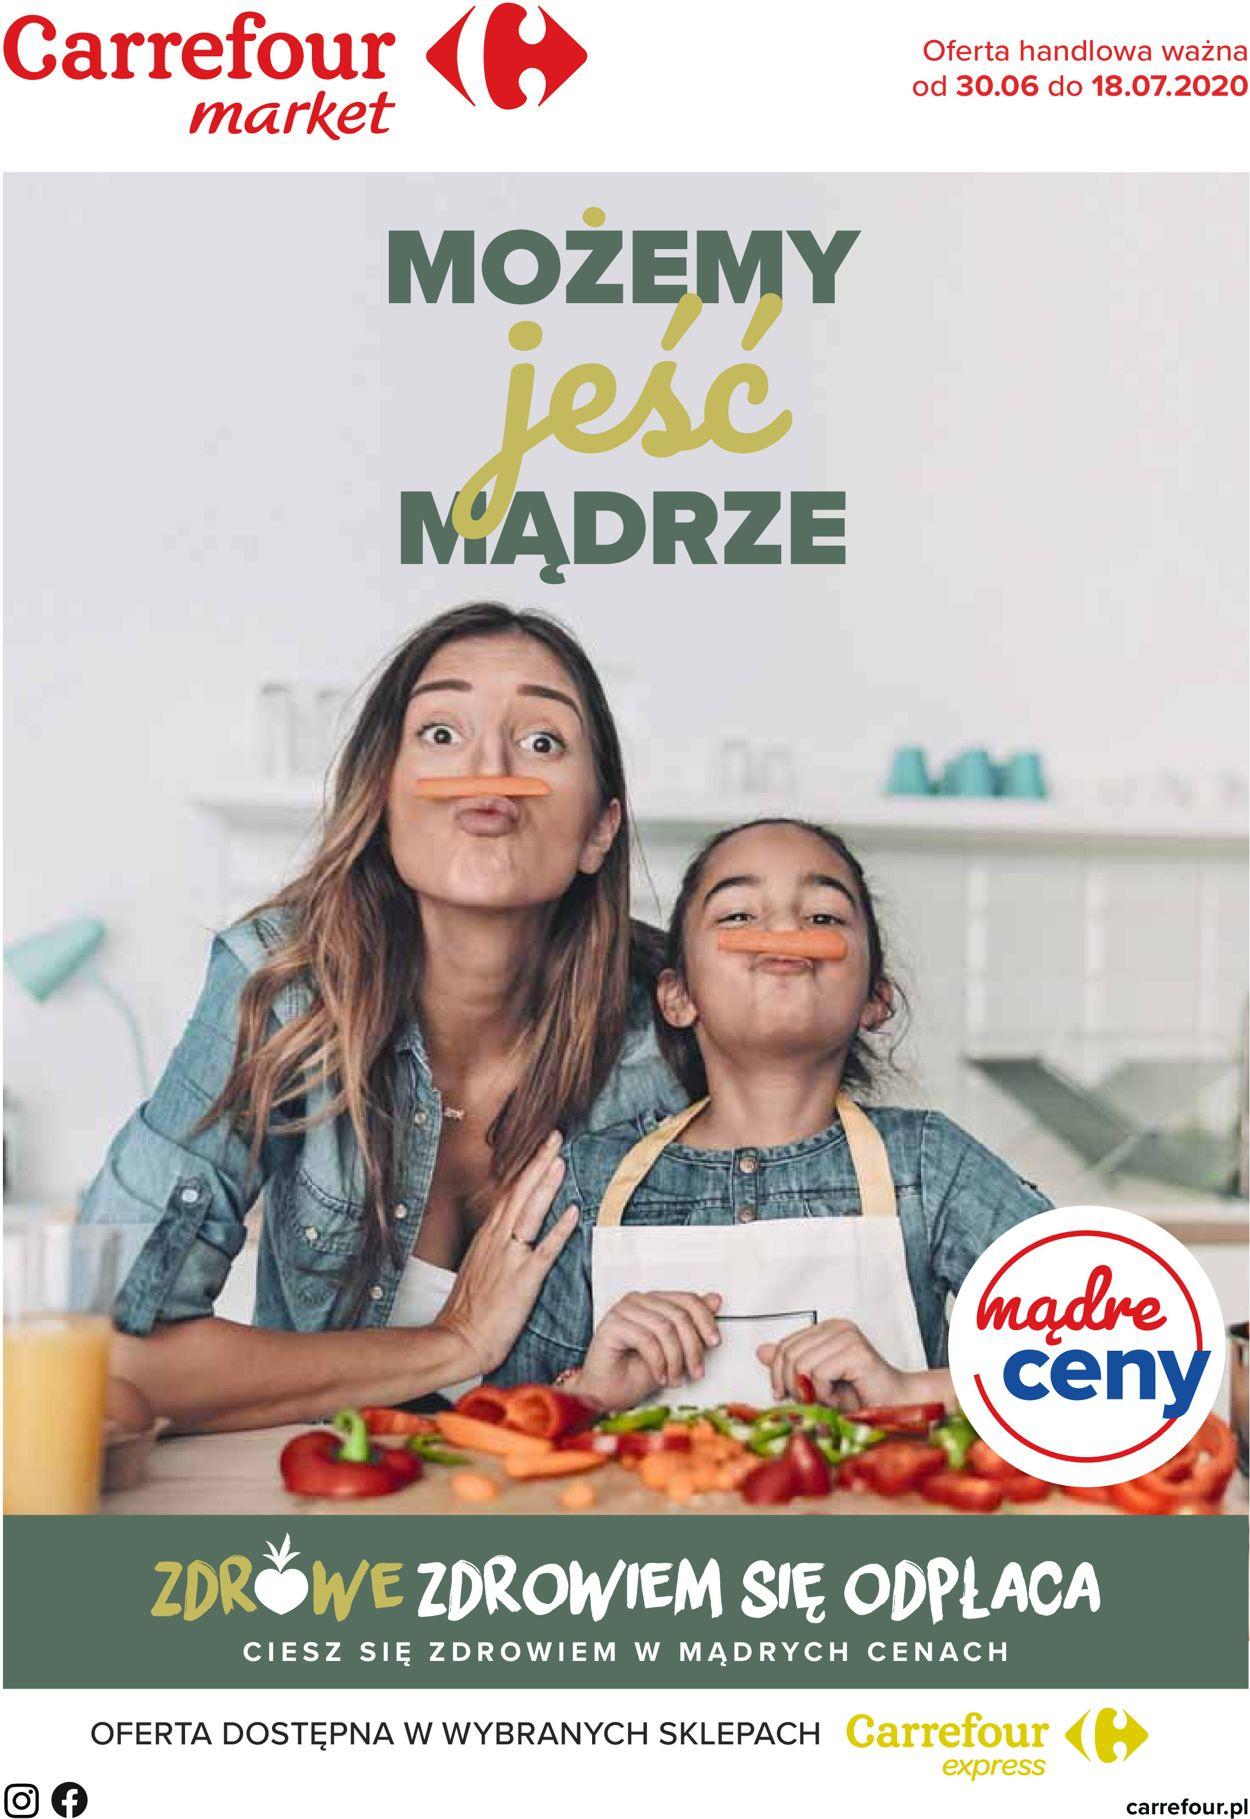 Gazetka promocyjna Carrefour Market - 30.06-18.07.2020